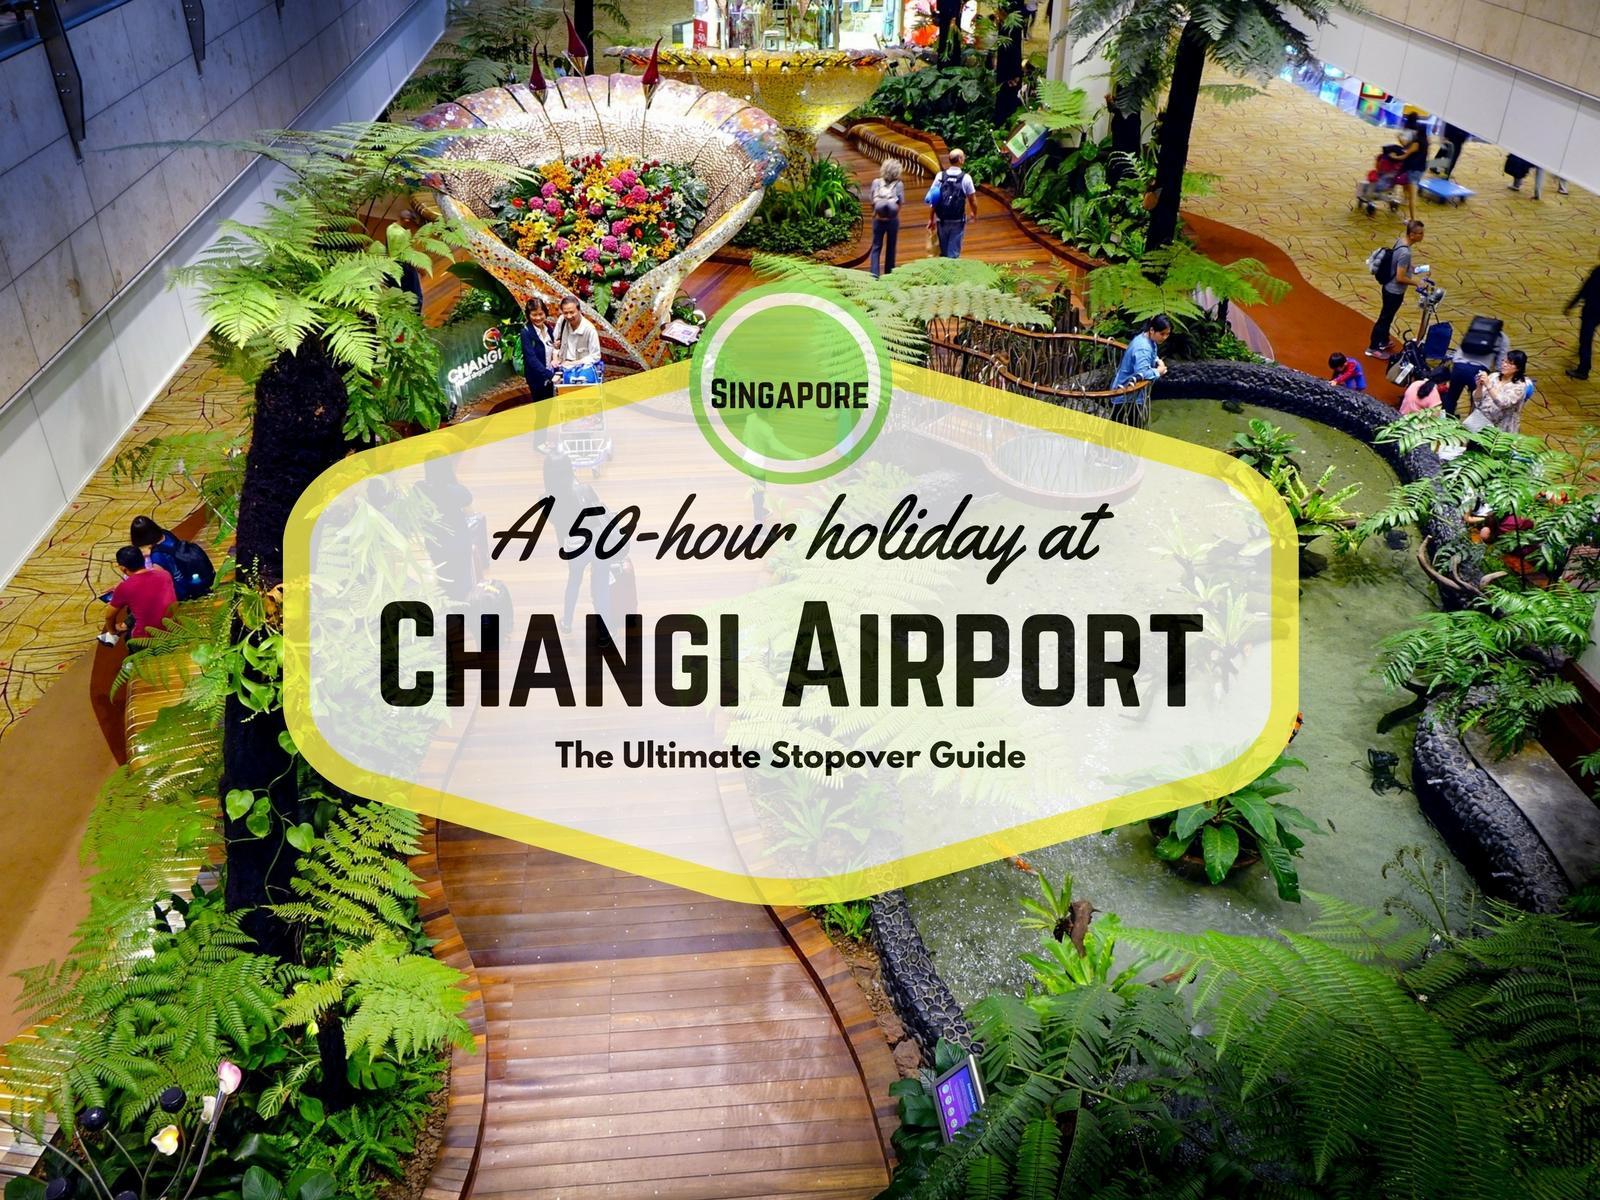 Tipps für deinen Stopover am Changi Airport in Singapur